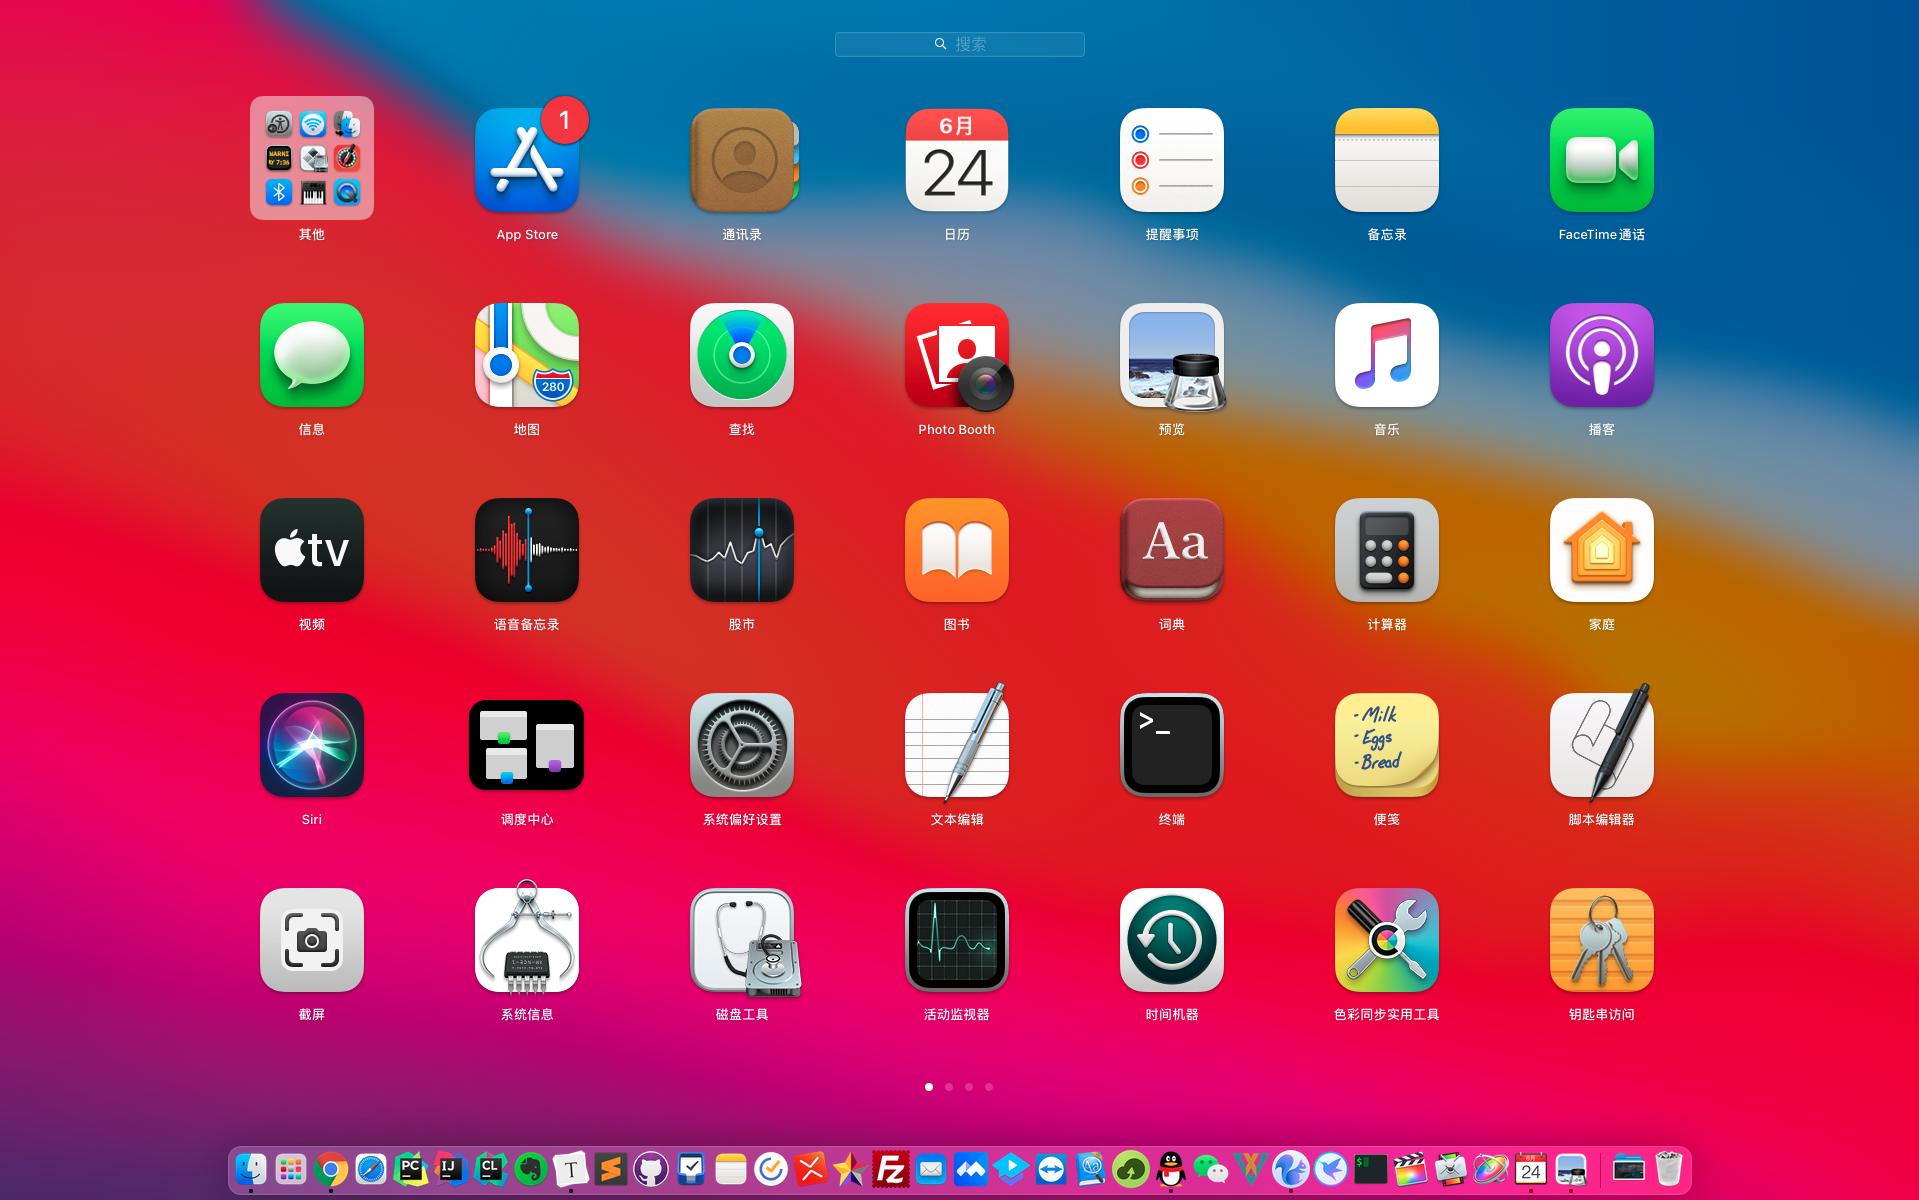 iconss